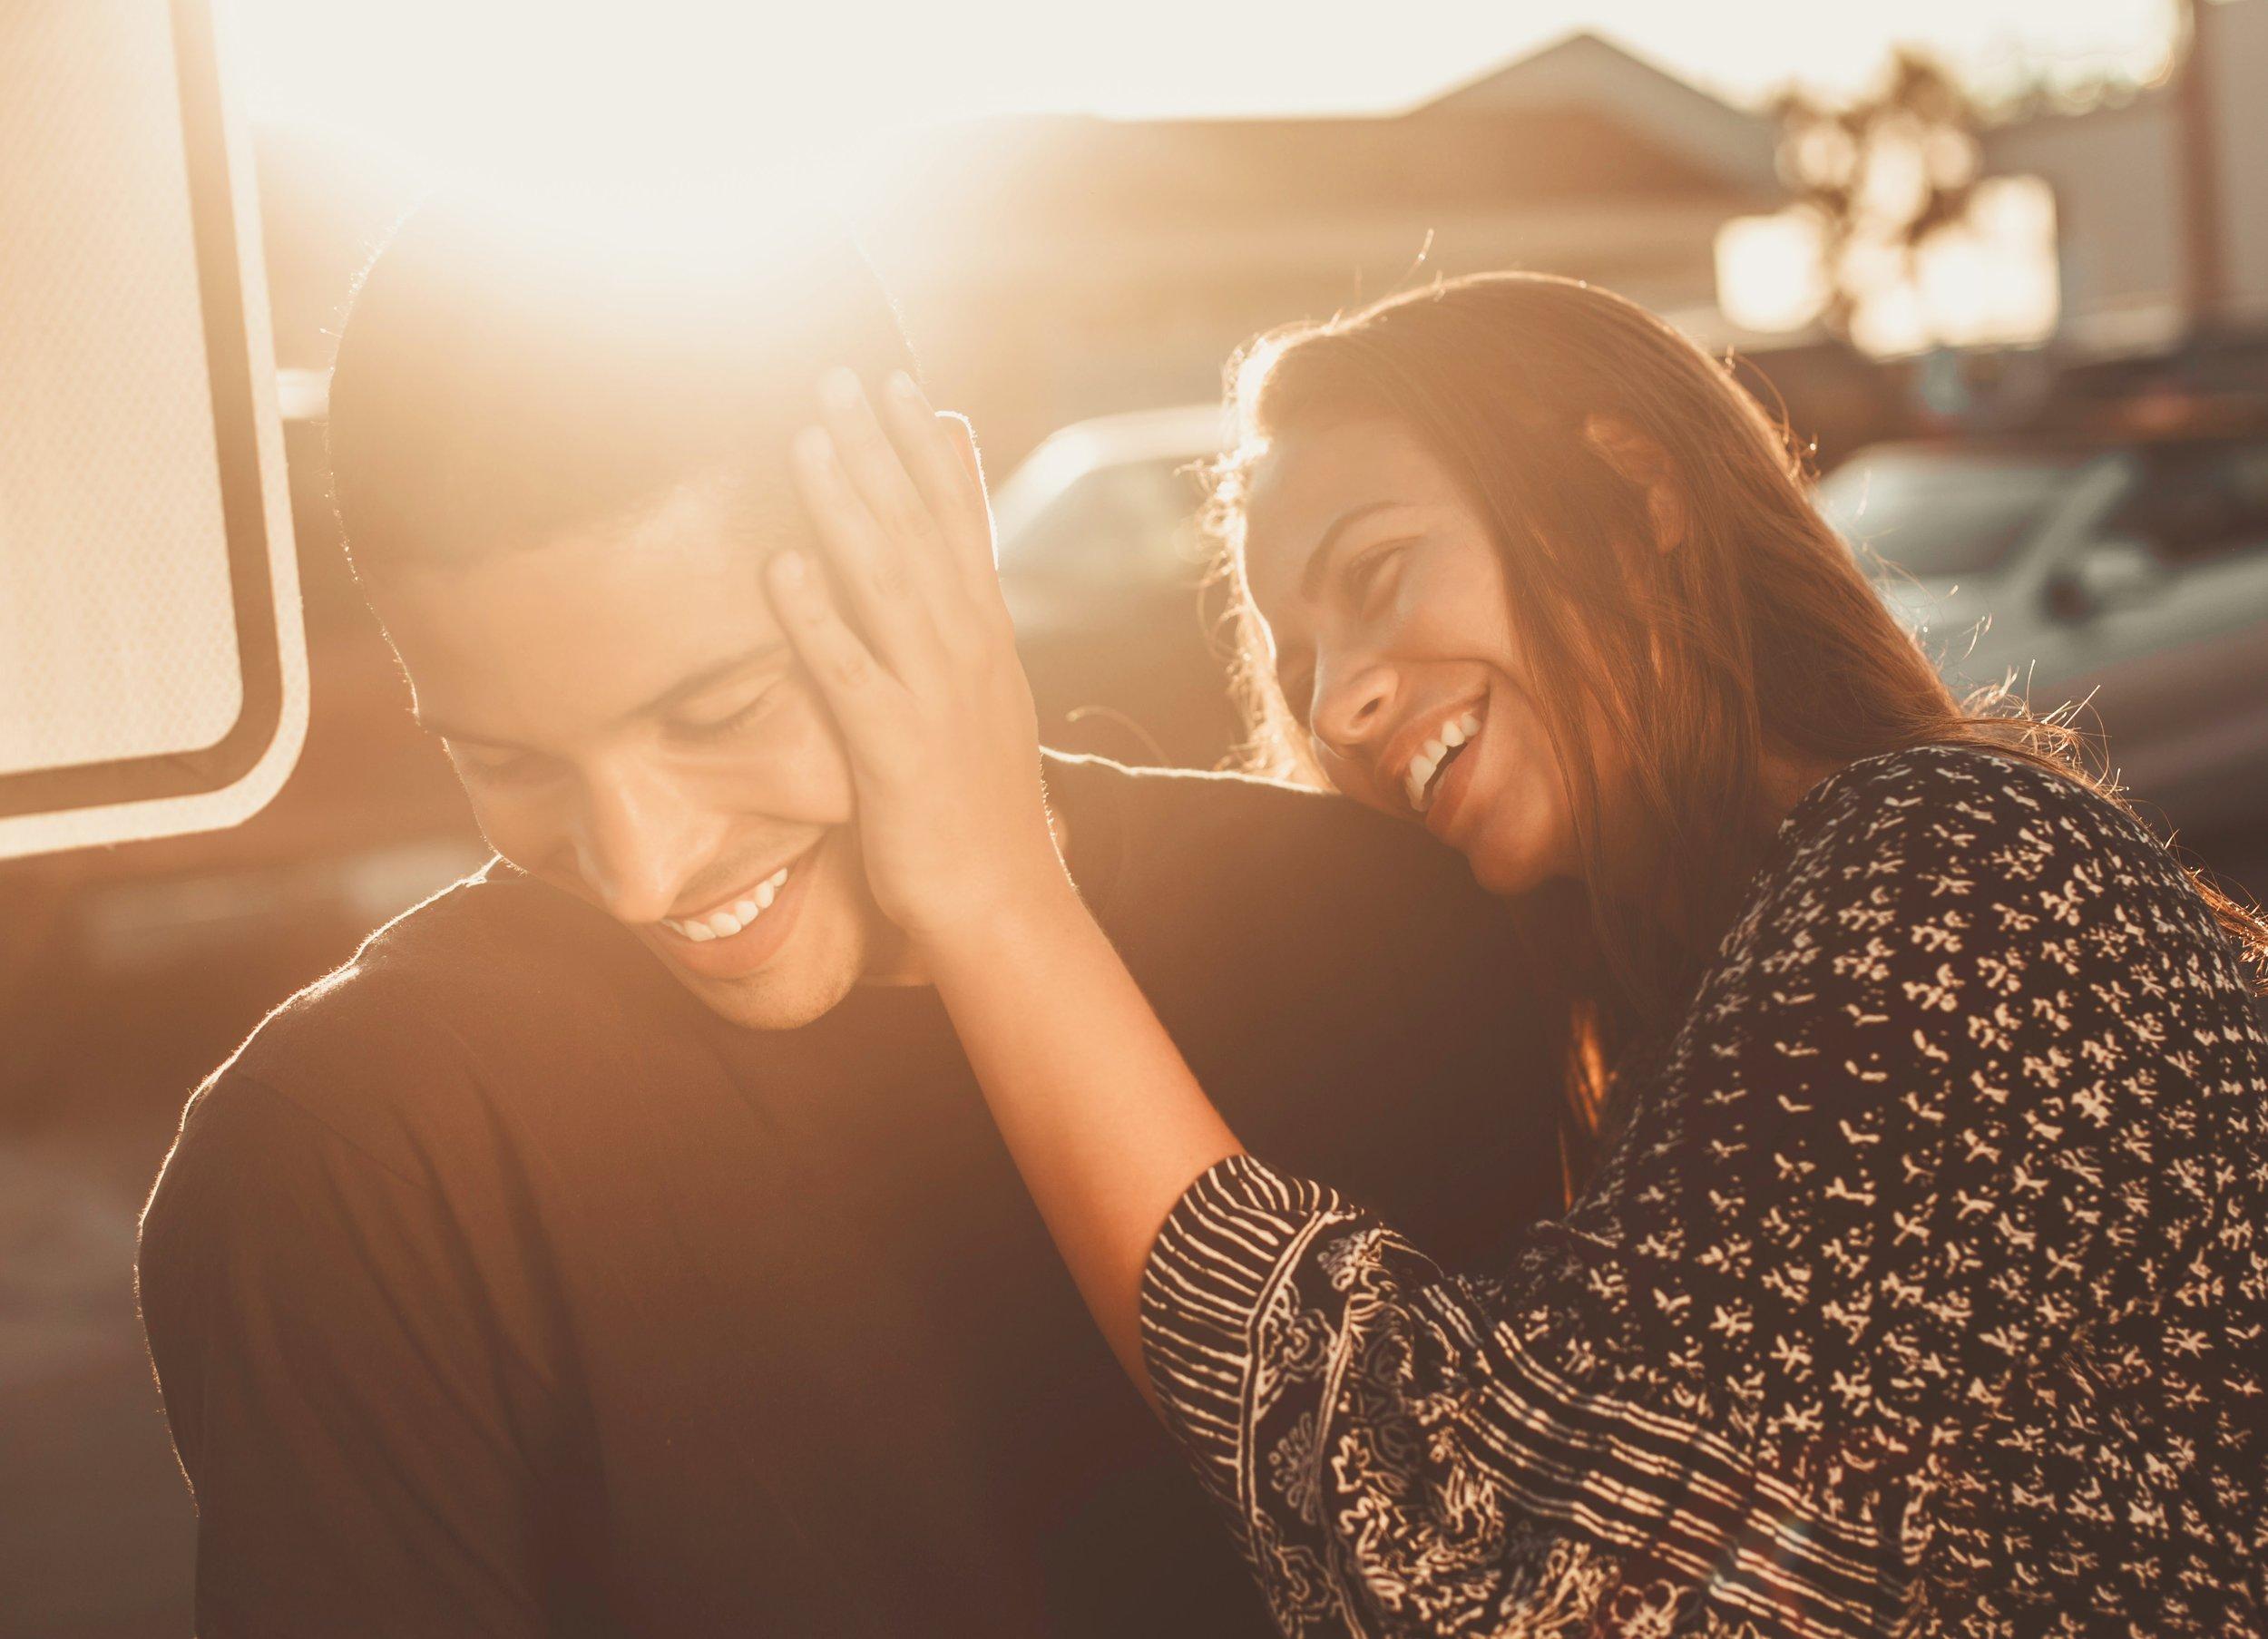 """Expresión de necesidades. - Esta es probablemente una de las más difíciles. Y es porque nos enseñen desde temprano que """"debemos"""" ser independientes y solucionar todo nosotras/os mismas/os. Y nada está más alejado de la realidad. Todos y todas tenemos necesidades (físicas, emocionales y espirituales) y una forma de querernos a nosotras/os mismas/os es precisamente expresar estas necesidades. Mostrarnos como los y las vulnerables seres humanos que somos, y no sentir vergüenza de pedir ayuda."""